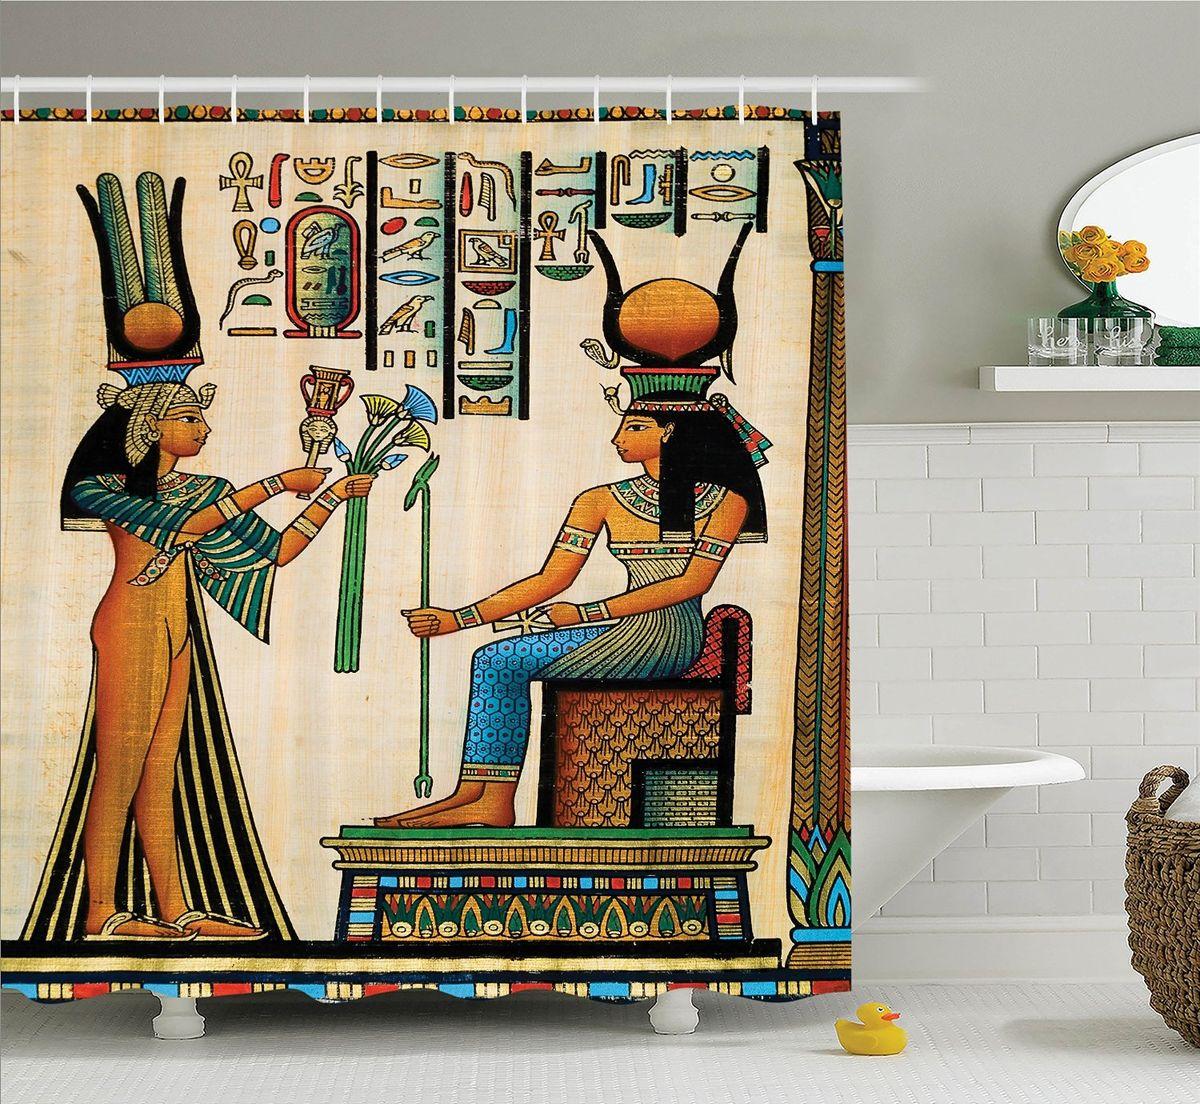 Штора для ванной комнаты Magic Lady Египетский папирус, 180 х 200 смшв_12511Штора Magic Lady Египетский папирус, изготовленная из высококачественного сатена (полиэстер 100%), отлично дополнит любой интерьер ванной комнаты. При изготовлении используются специальные гипоаллергенные чернила для прямой печати по ткани, безопасные для человека.В комплекте: 1 штора, 12 крючков. Обращаем ваше внимание, фактический цвет изделия может незначительно отличаться от представленного на фото.